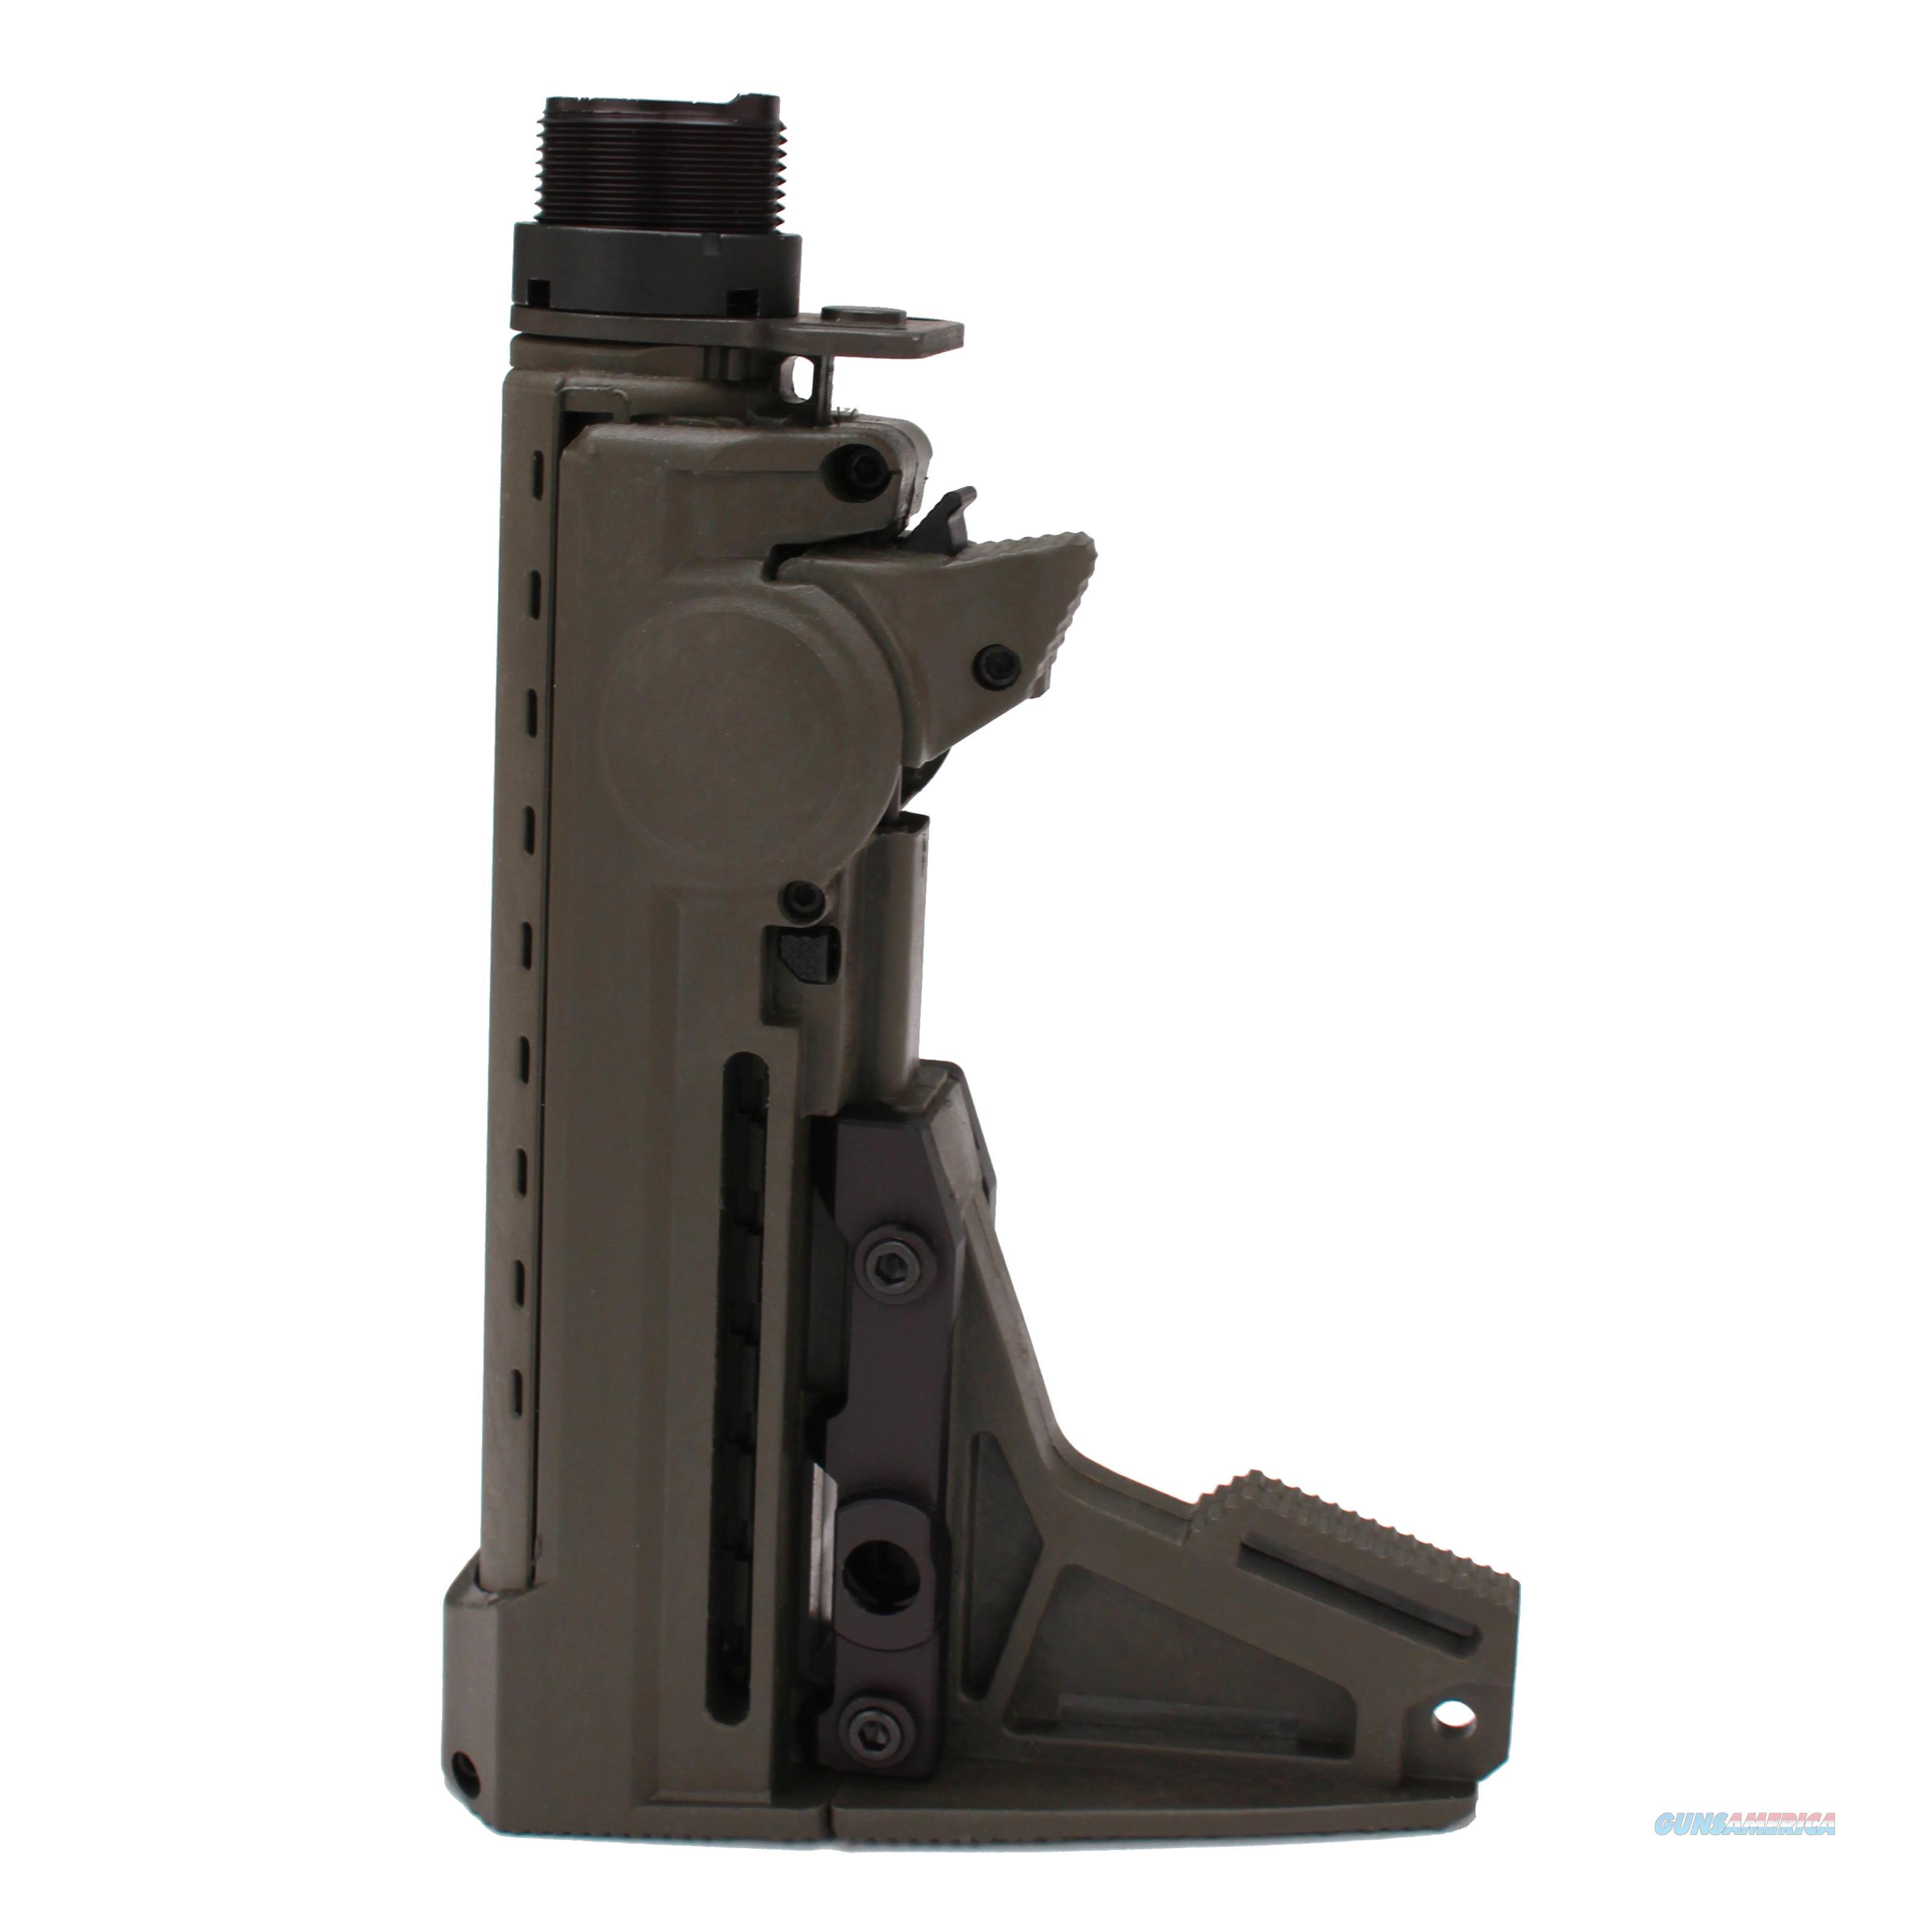 Ergo Grip Stock F93 Pro Stock Kit For Ar-15 Od Green 4925OD  Non-Guns > Gunstocks, Grips & Wood